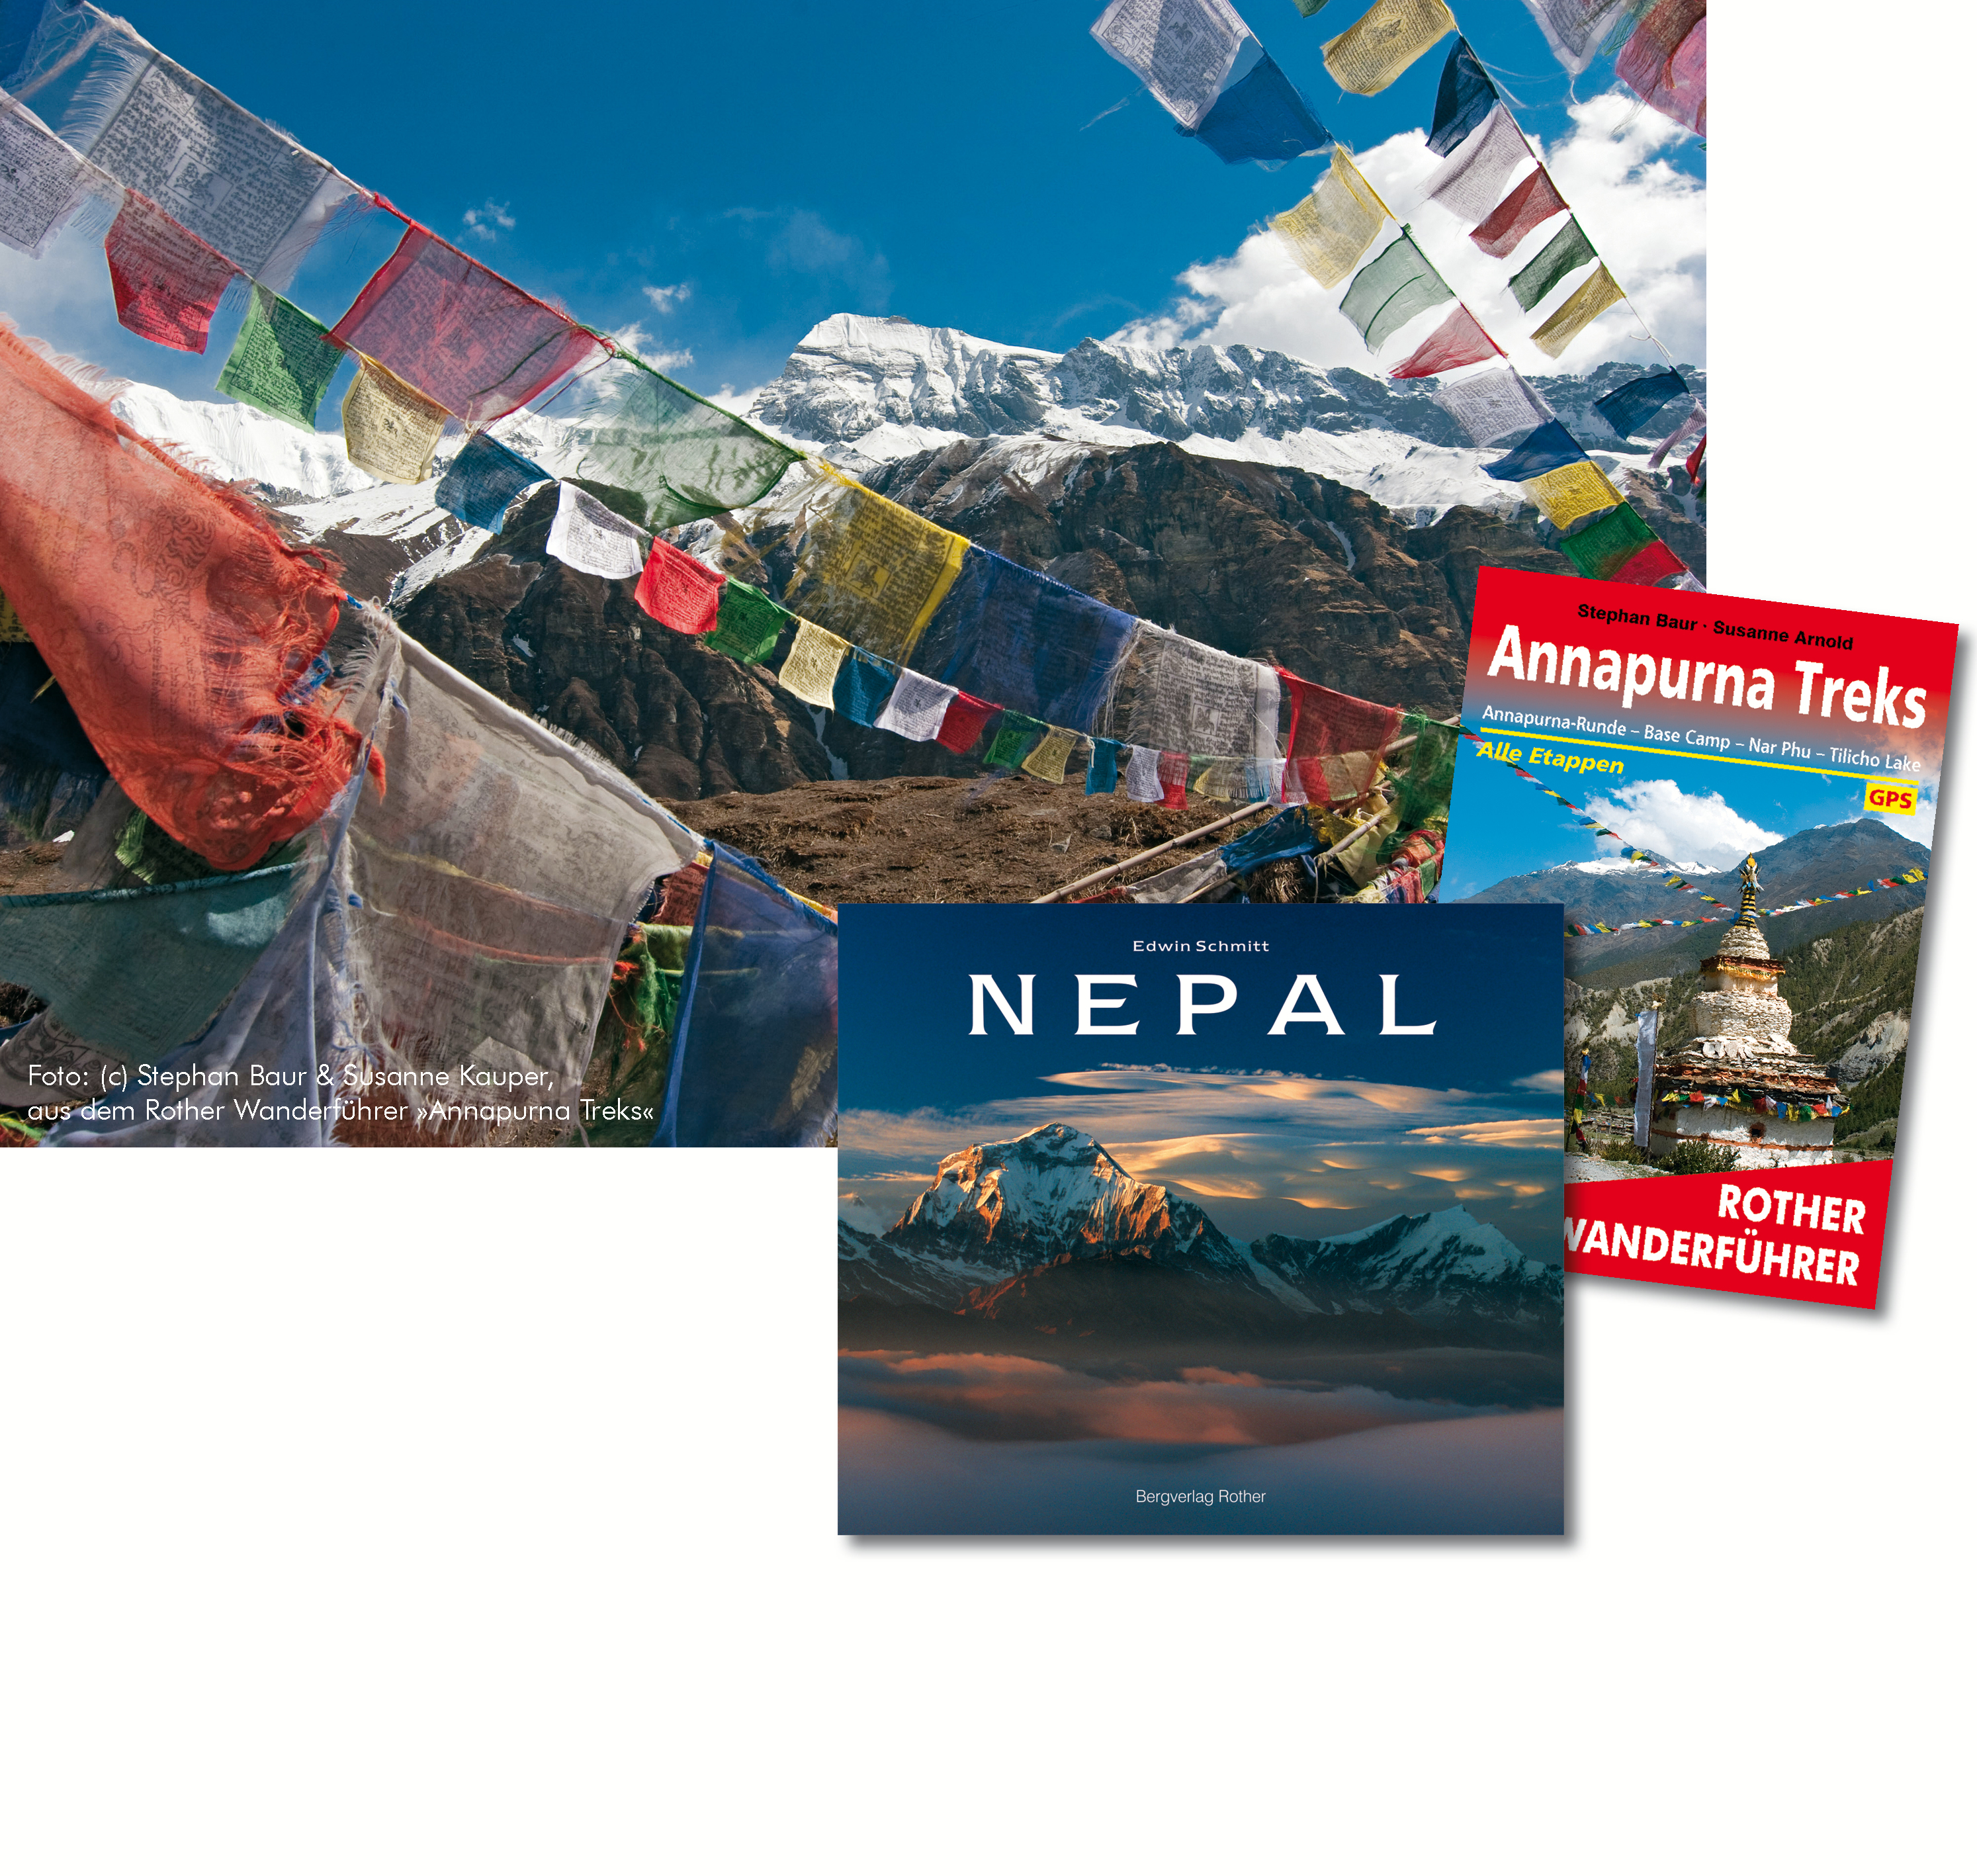 Nepal_Bild_lang